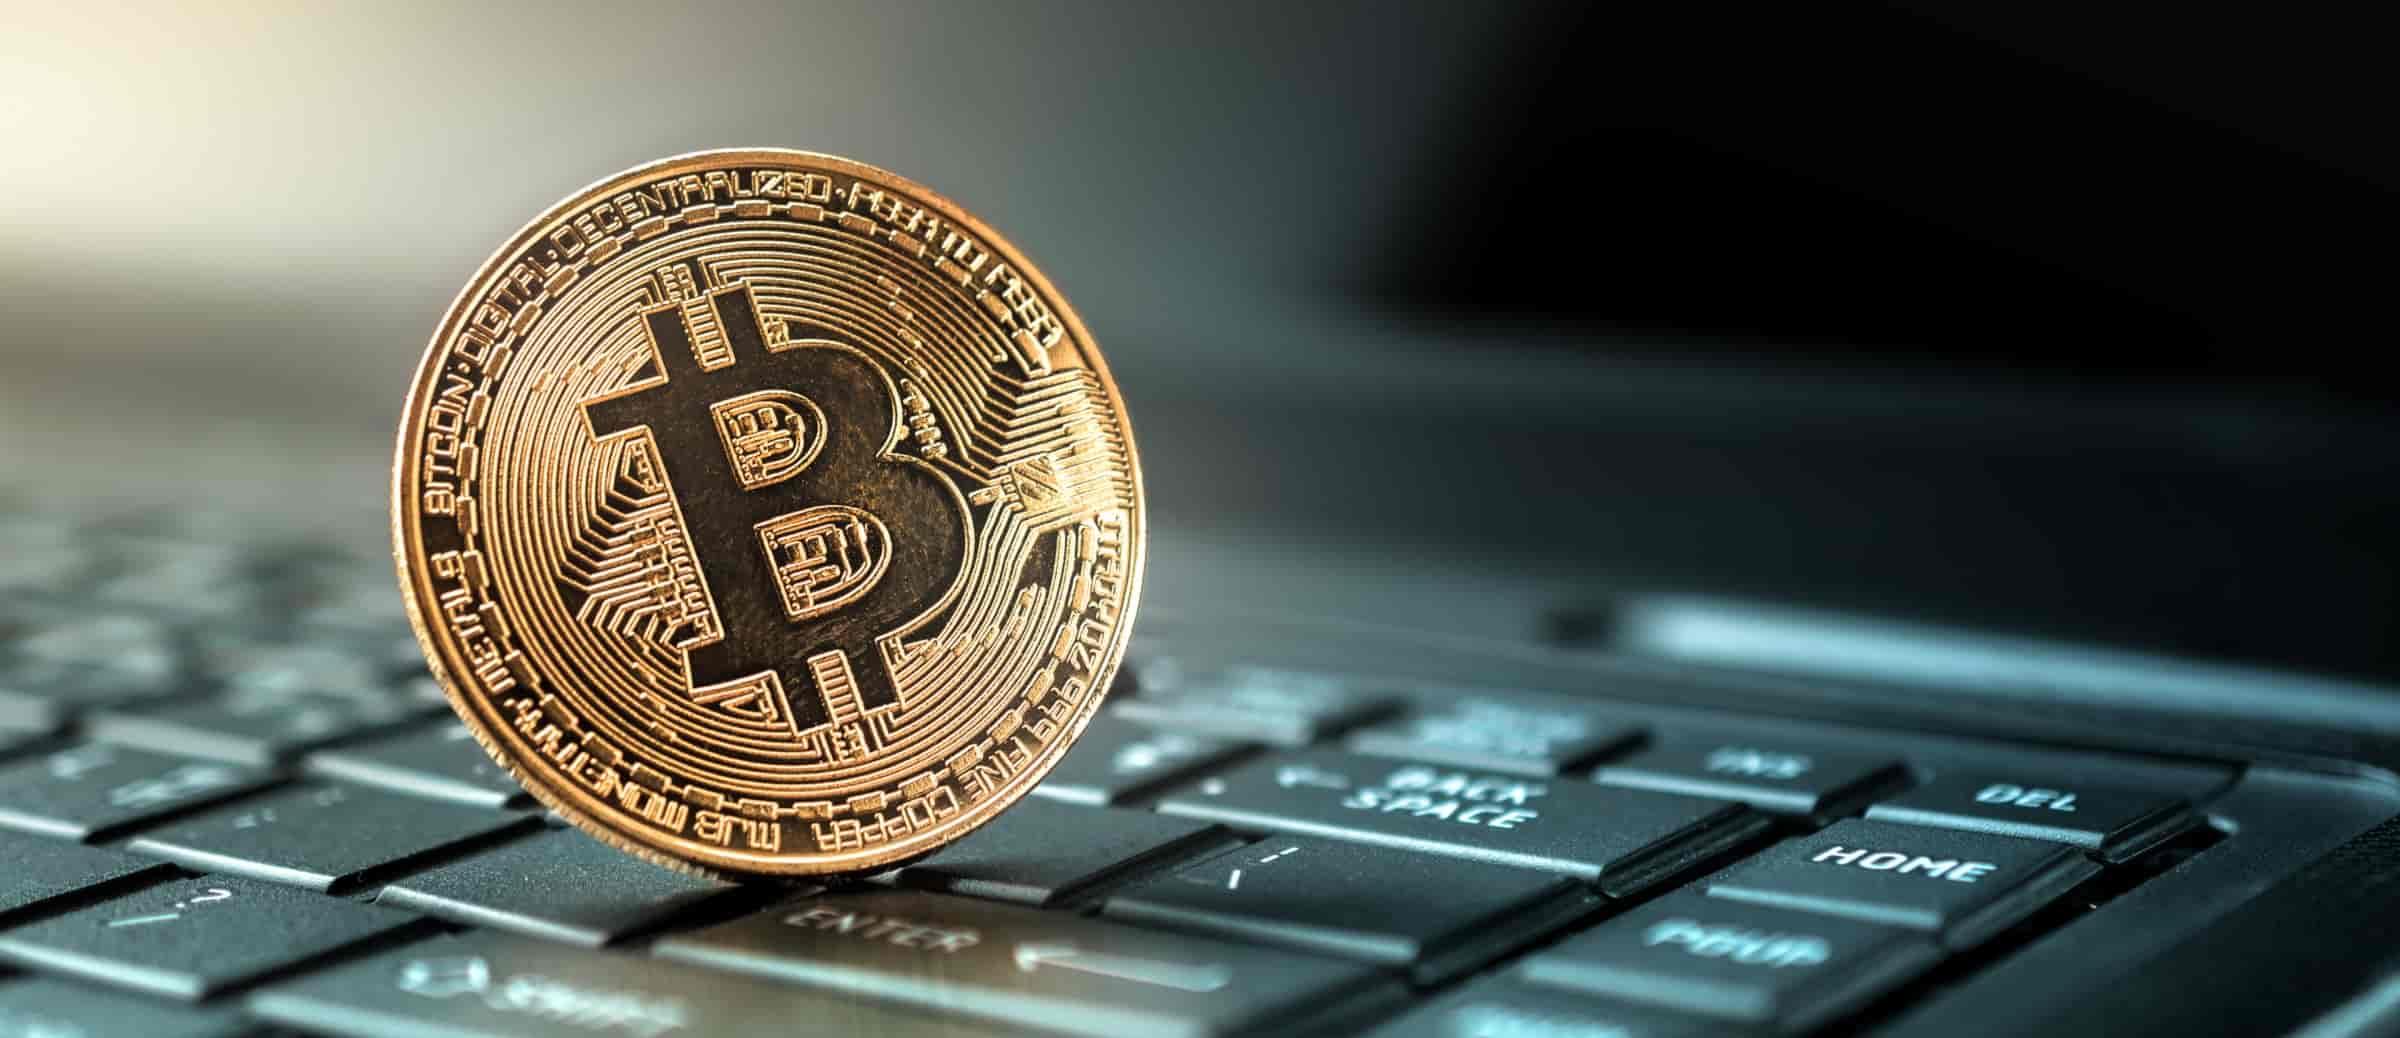 exemplo de negociação de futuros de bitcoin emivro aprenda cryptocurrency altcoin trading e ico investing